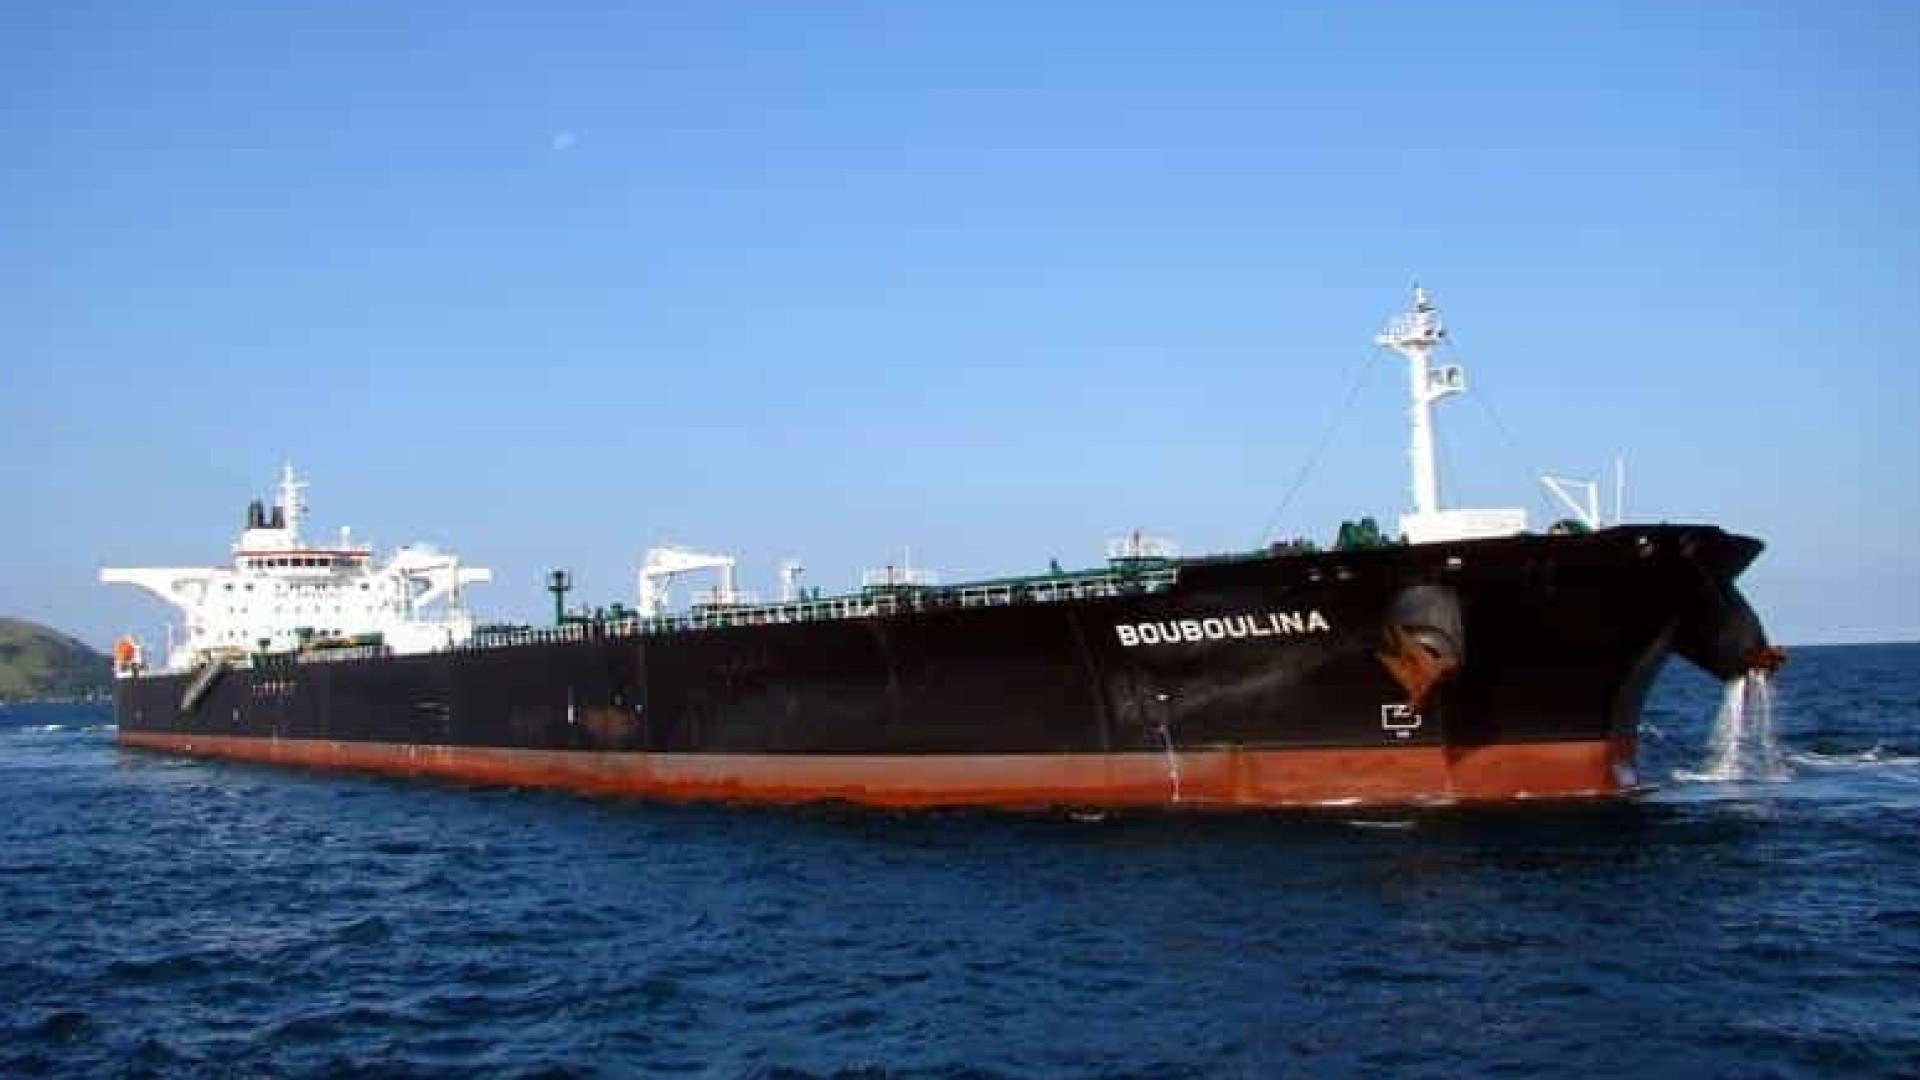 Governo para Interpol dados de empresa que administra navio suspeito